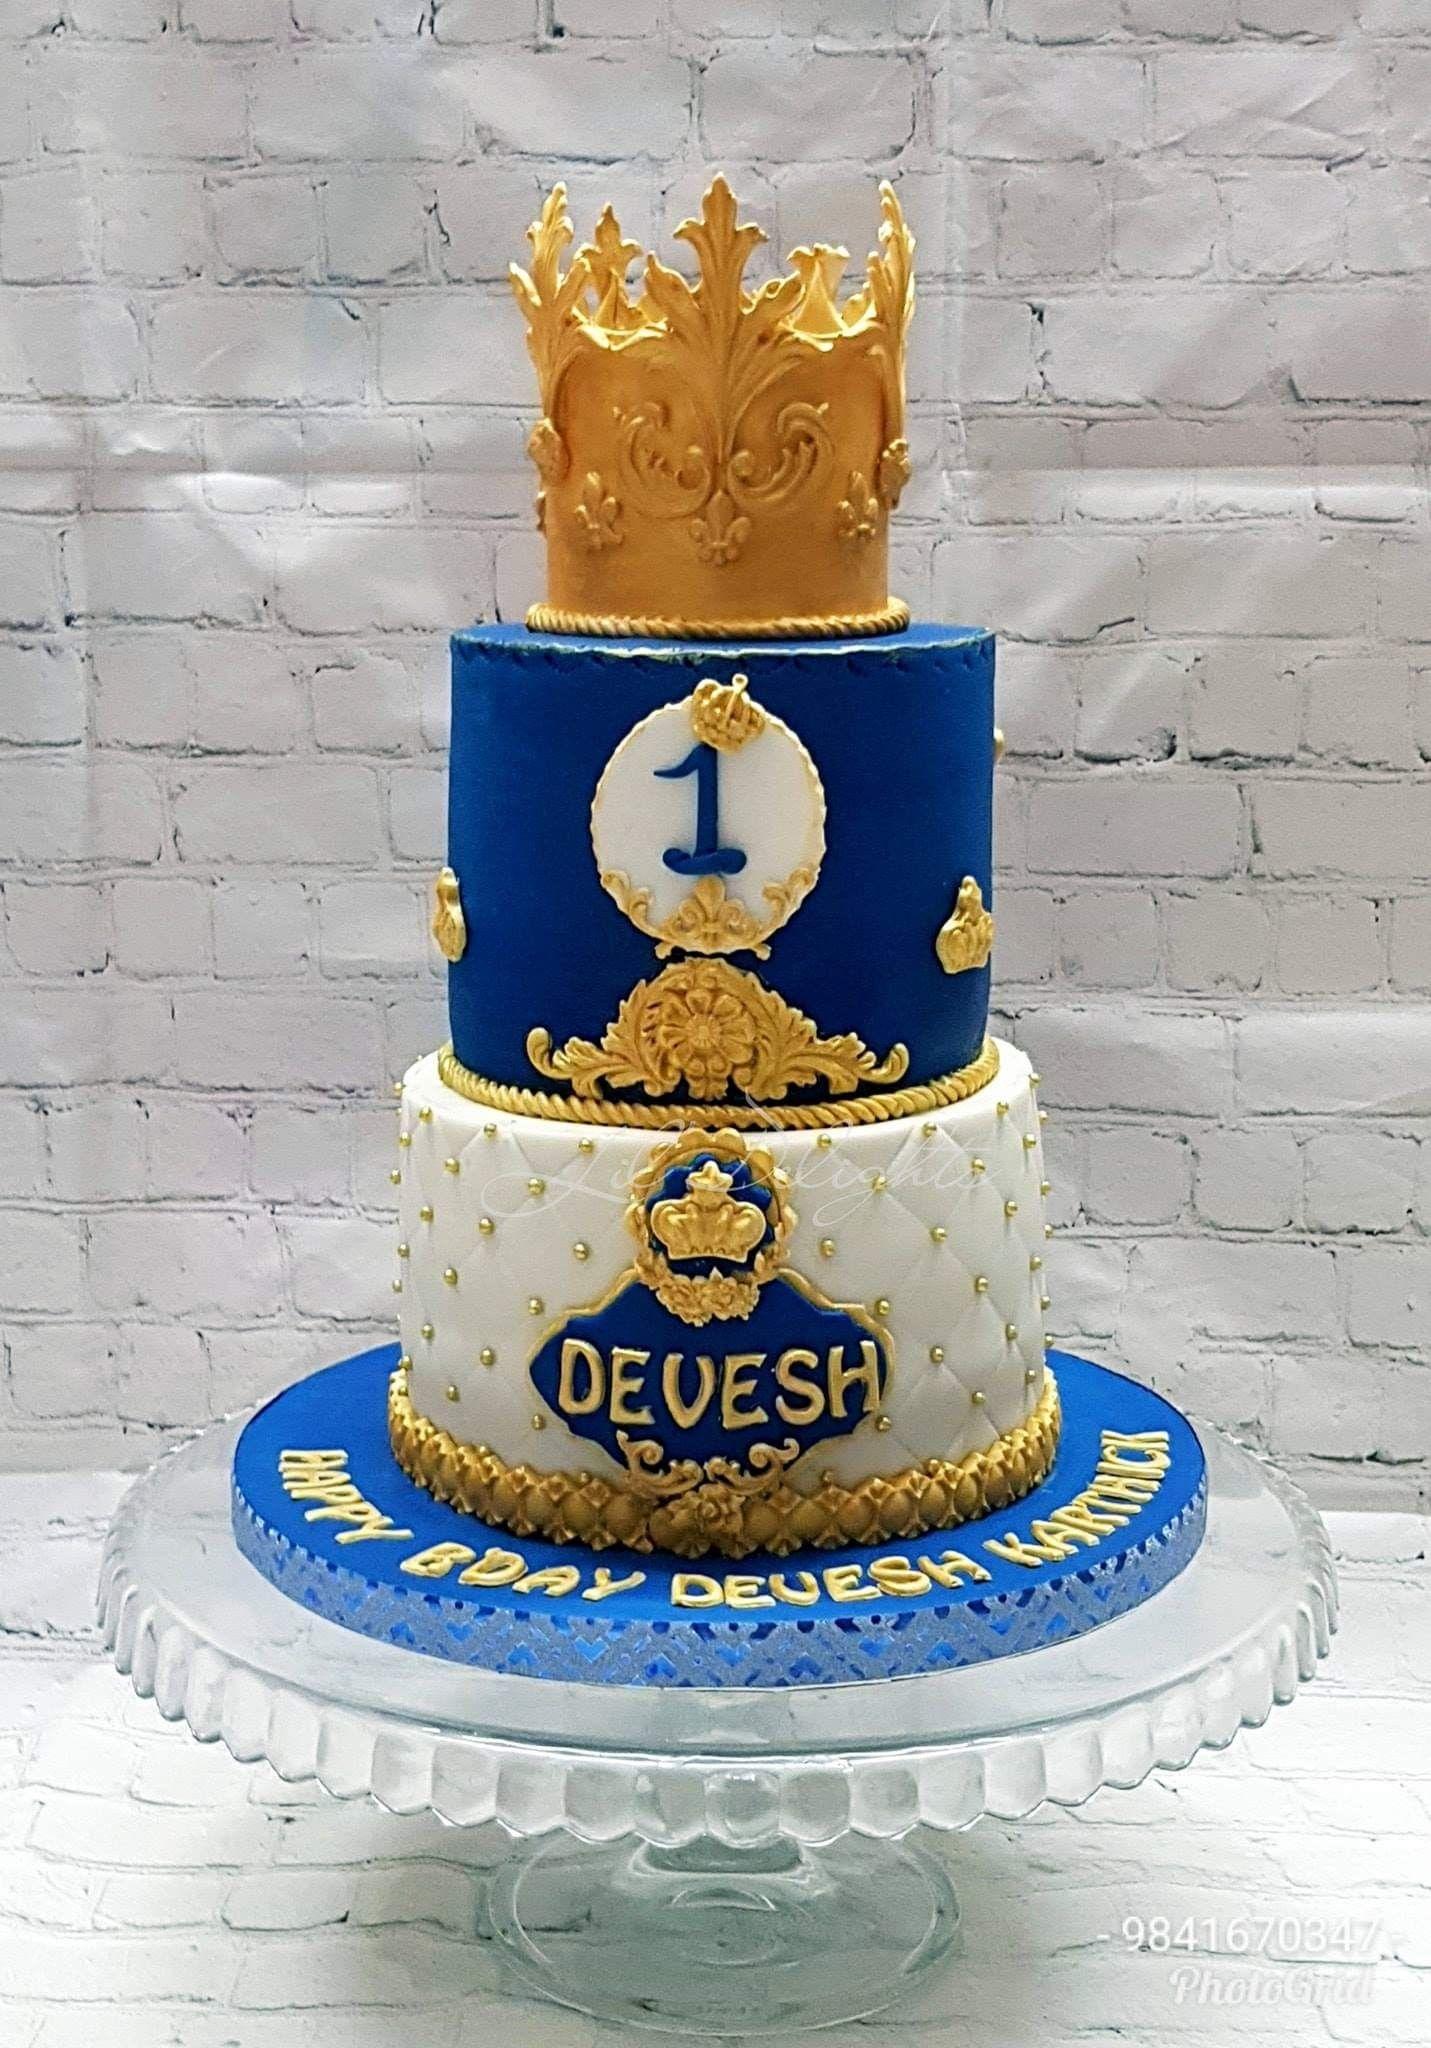 Royal Prince Cake A Royal Prince Theme Cake For Lil Prince Devesh